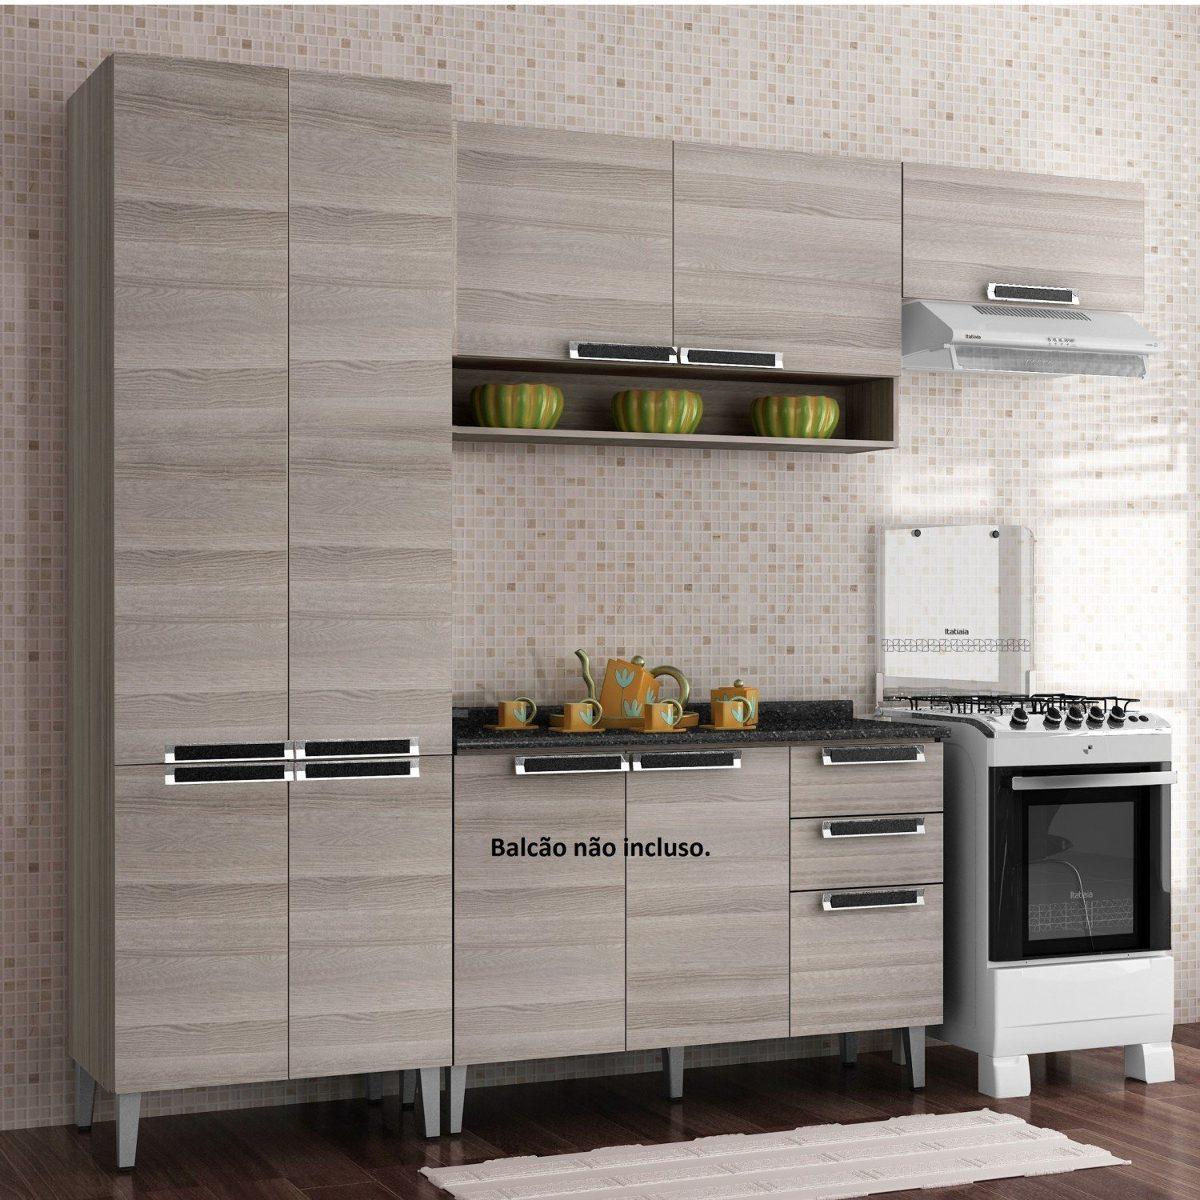 Cozinha Compacta 3 Pe As Sem Balc O Jazz Itatiaia Jj R 719 90 Em